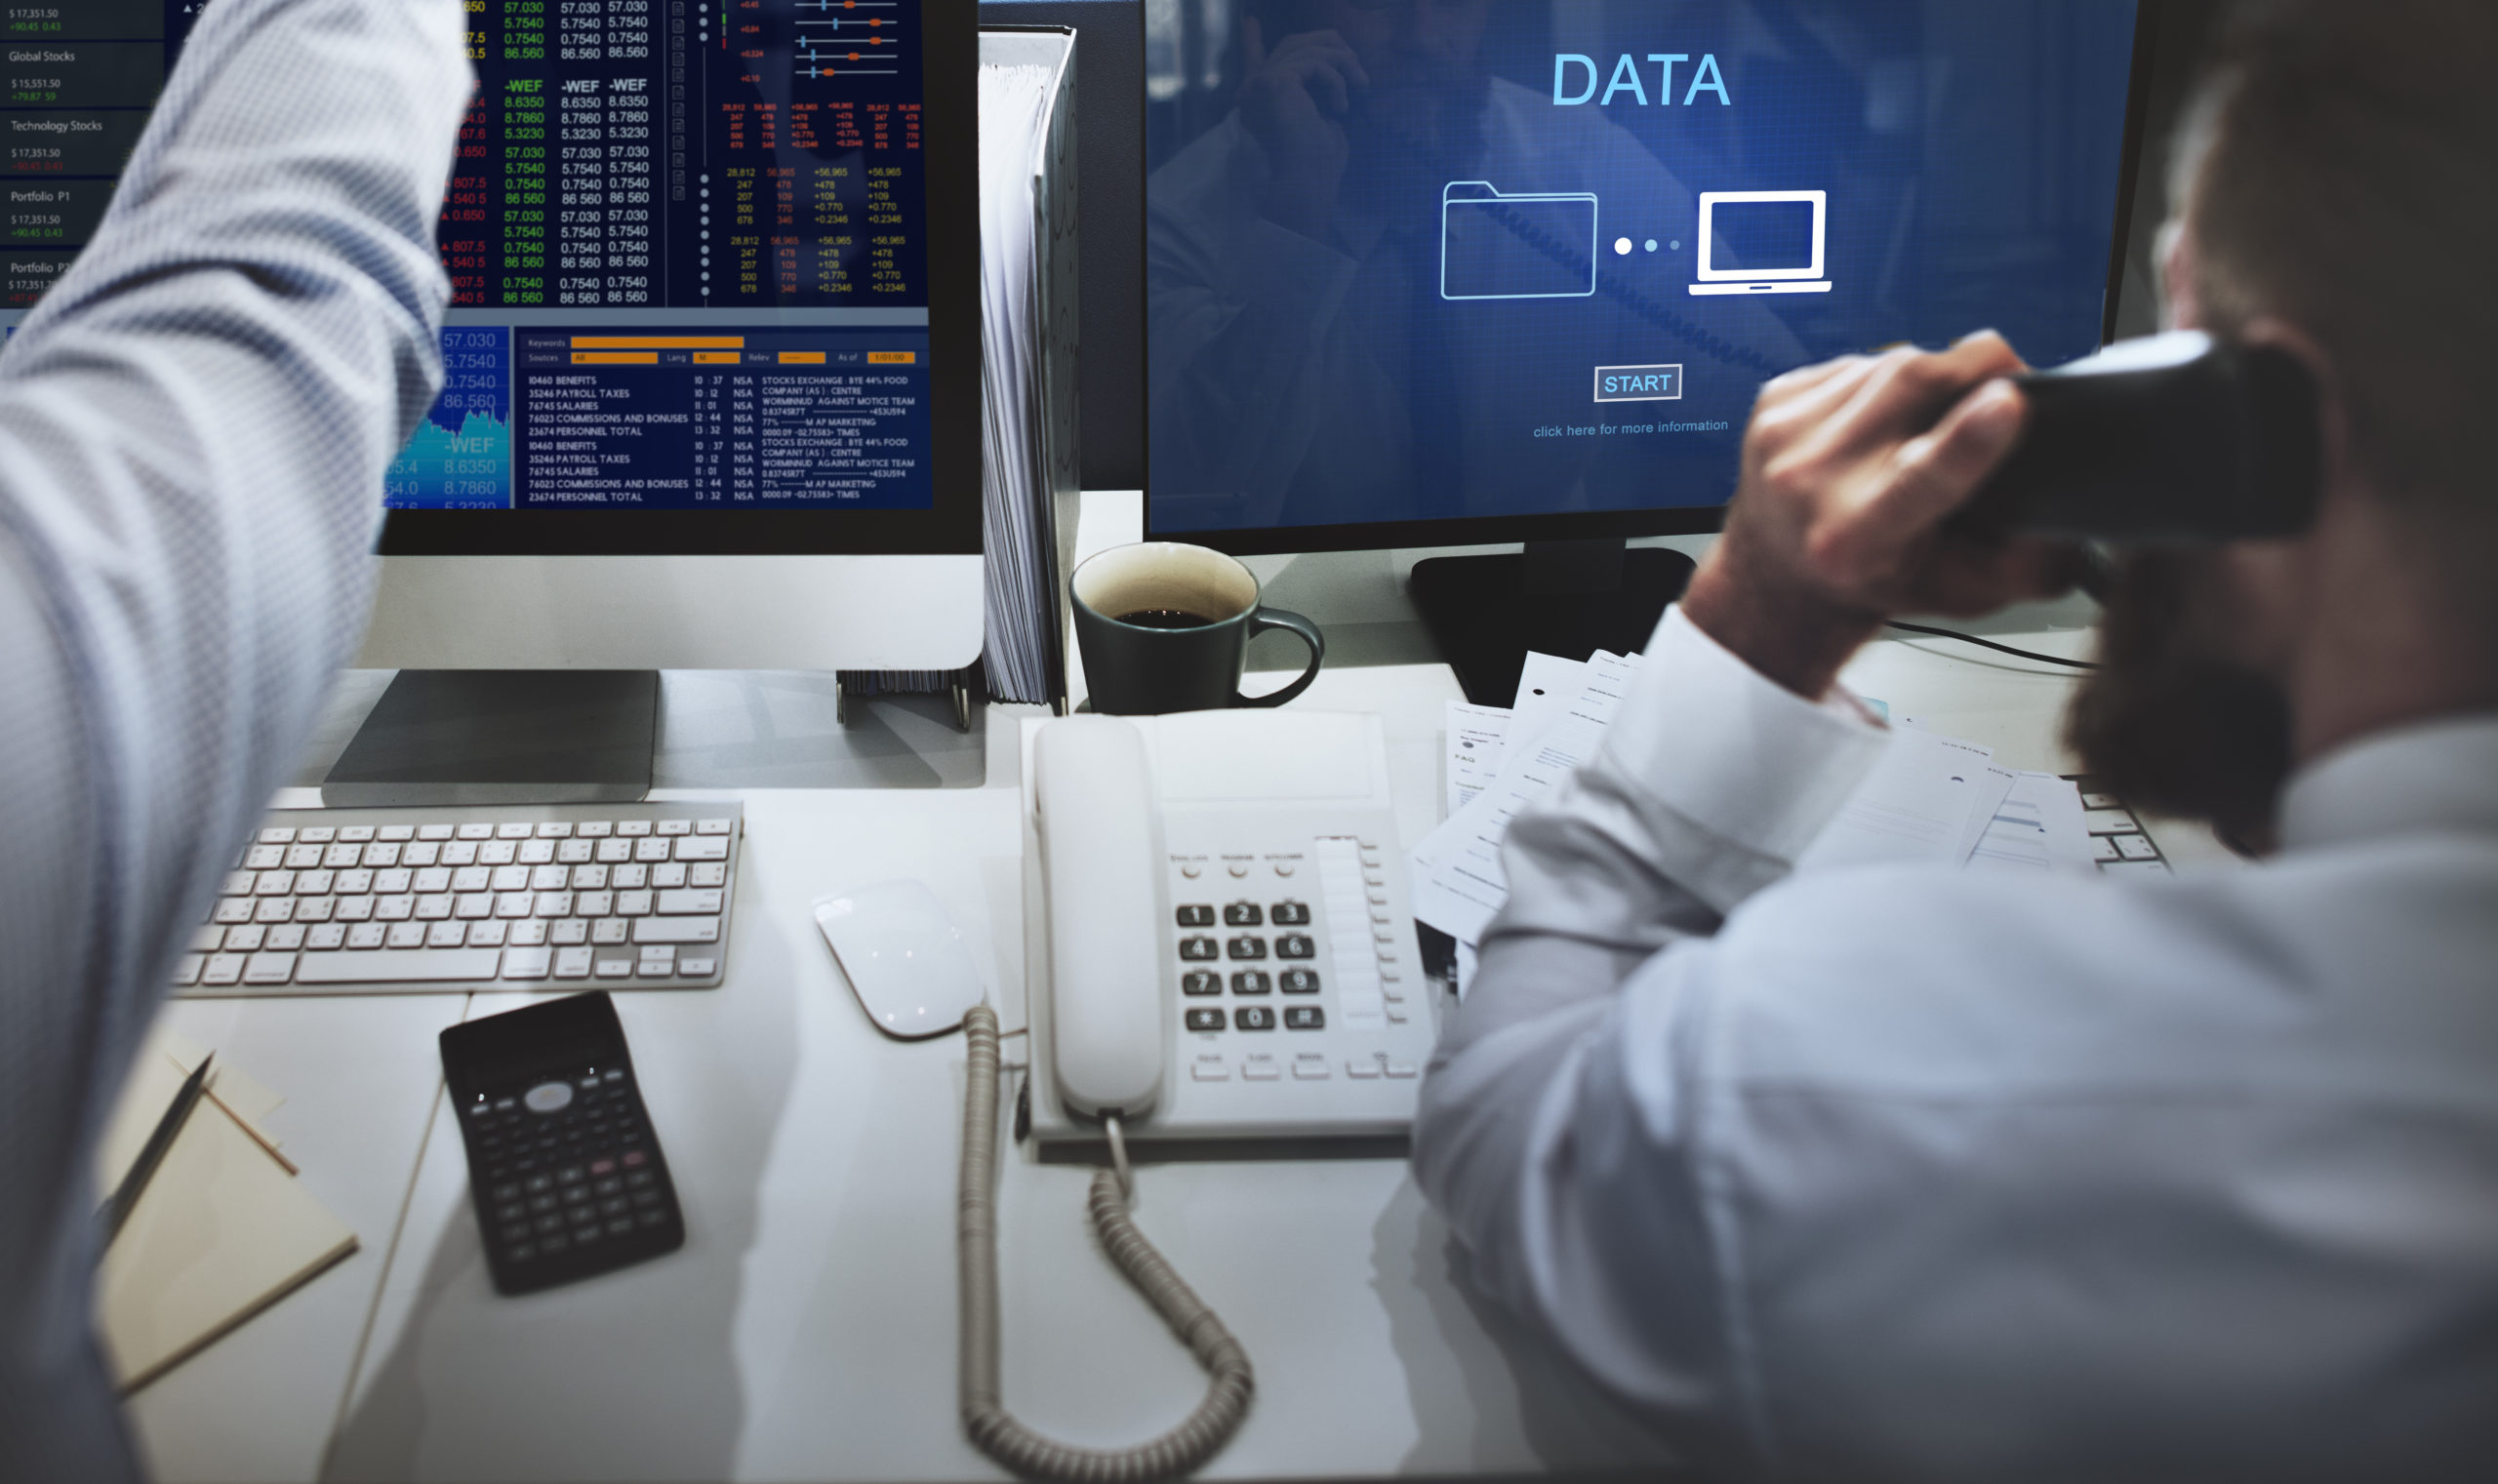 Gérer le référentiel de données de l'entreprise et du cycle de vie des produits.